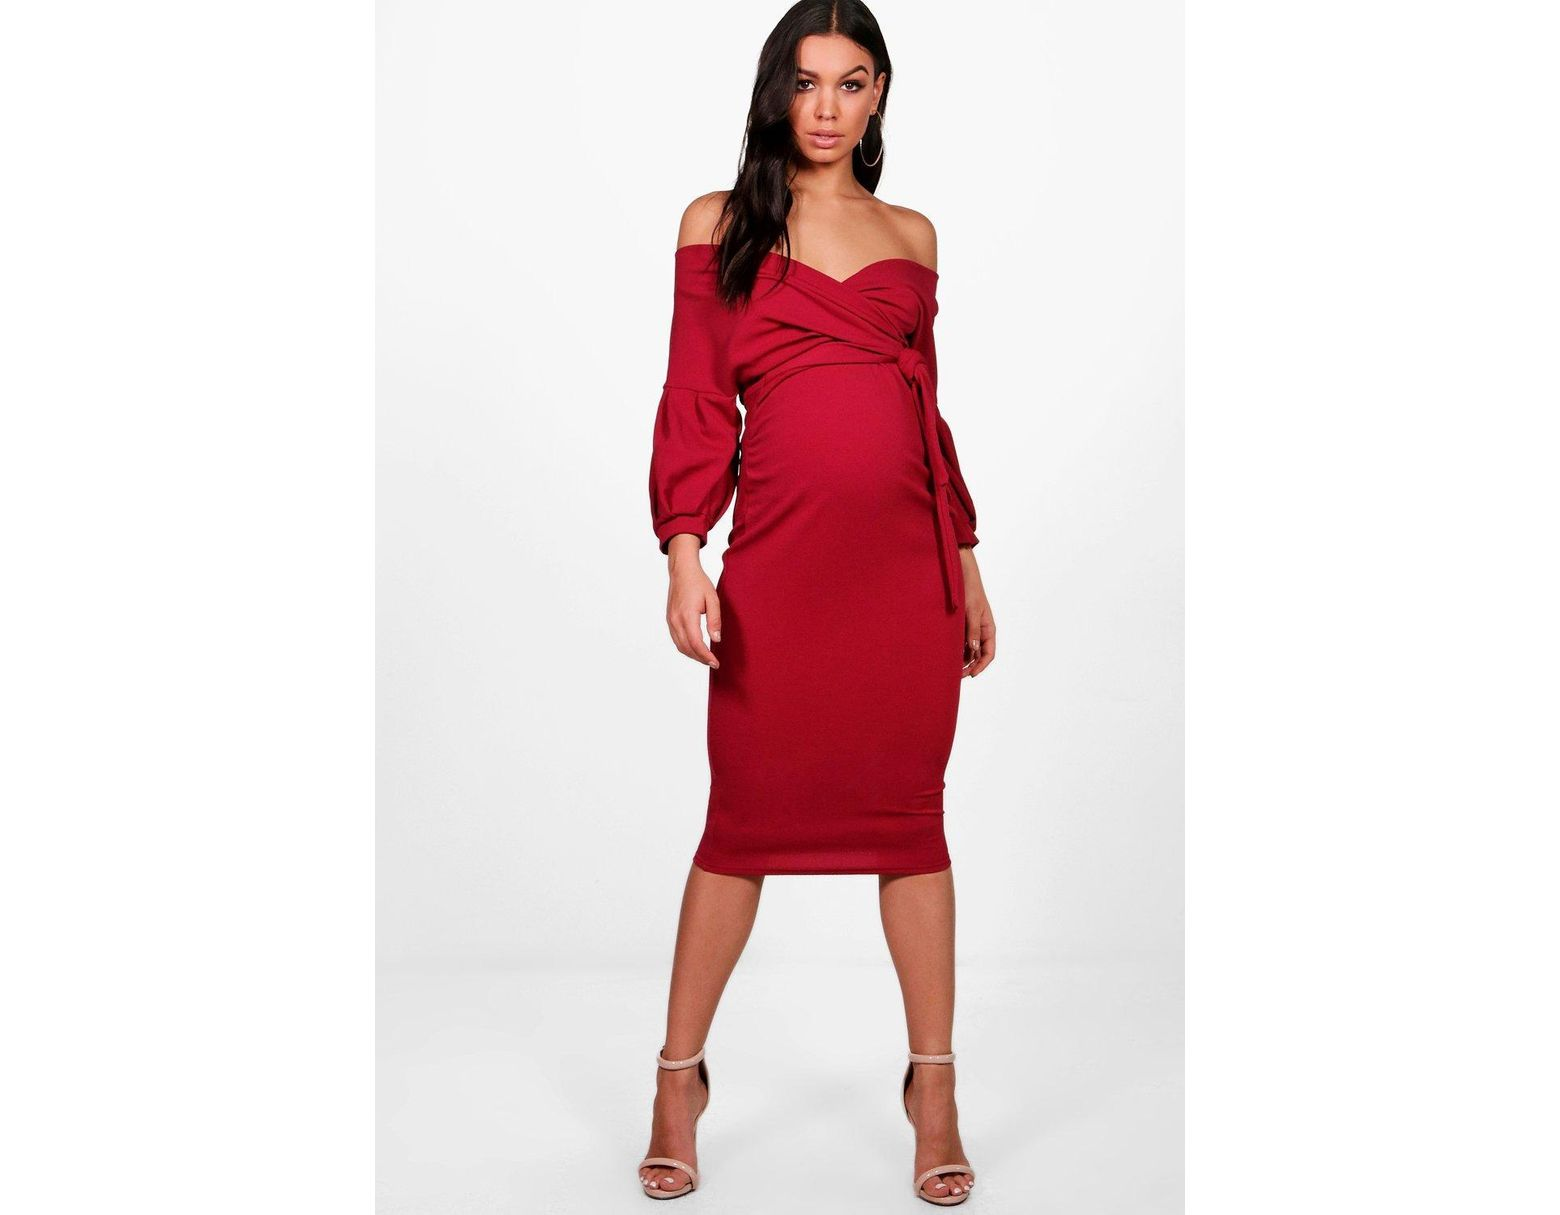 09da4aa9d161 Red Party Dresses Boohoo - PostParc